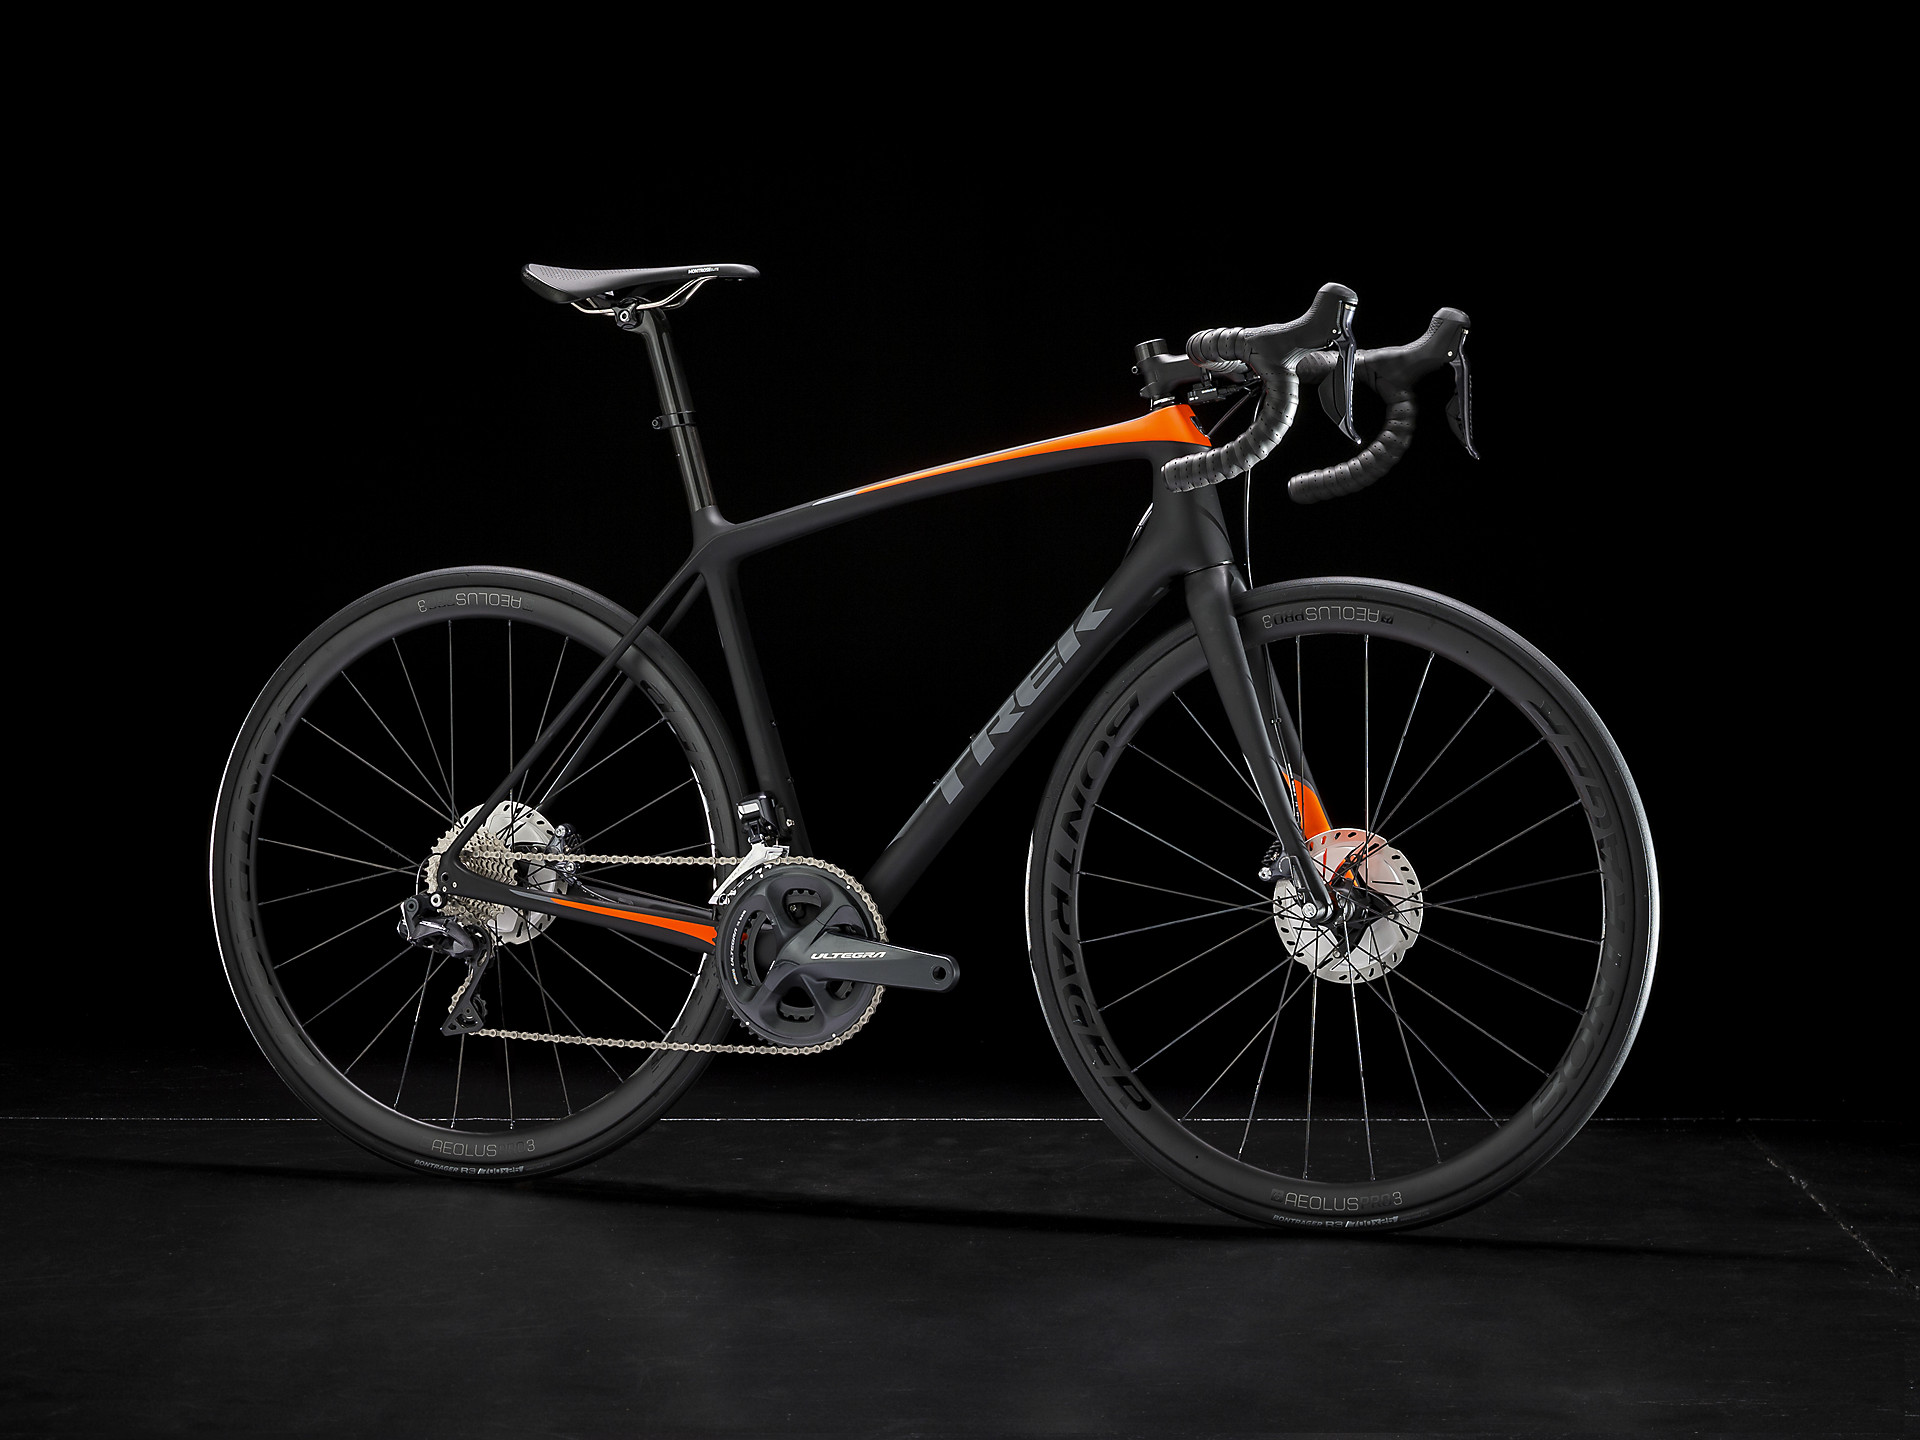 Émonda SLR 7 Disc | Trek Bikes